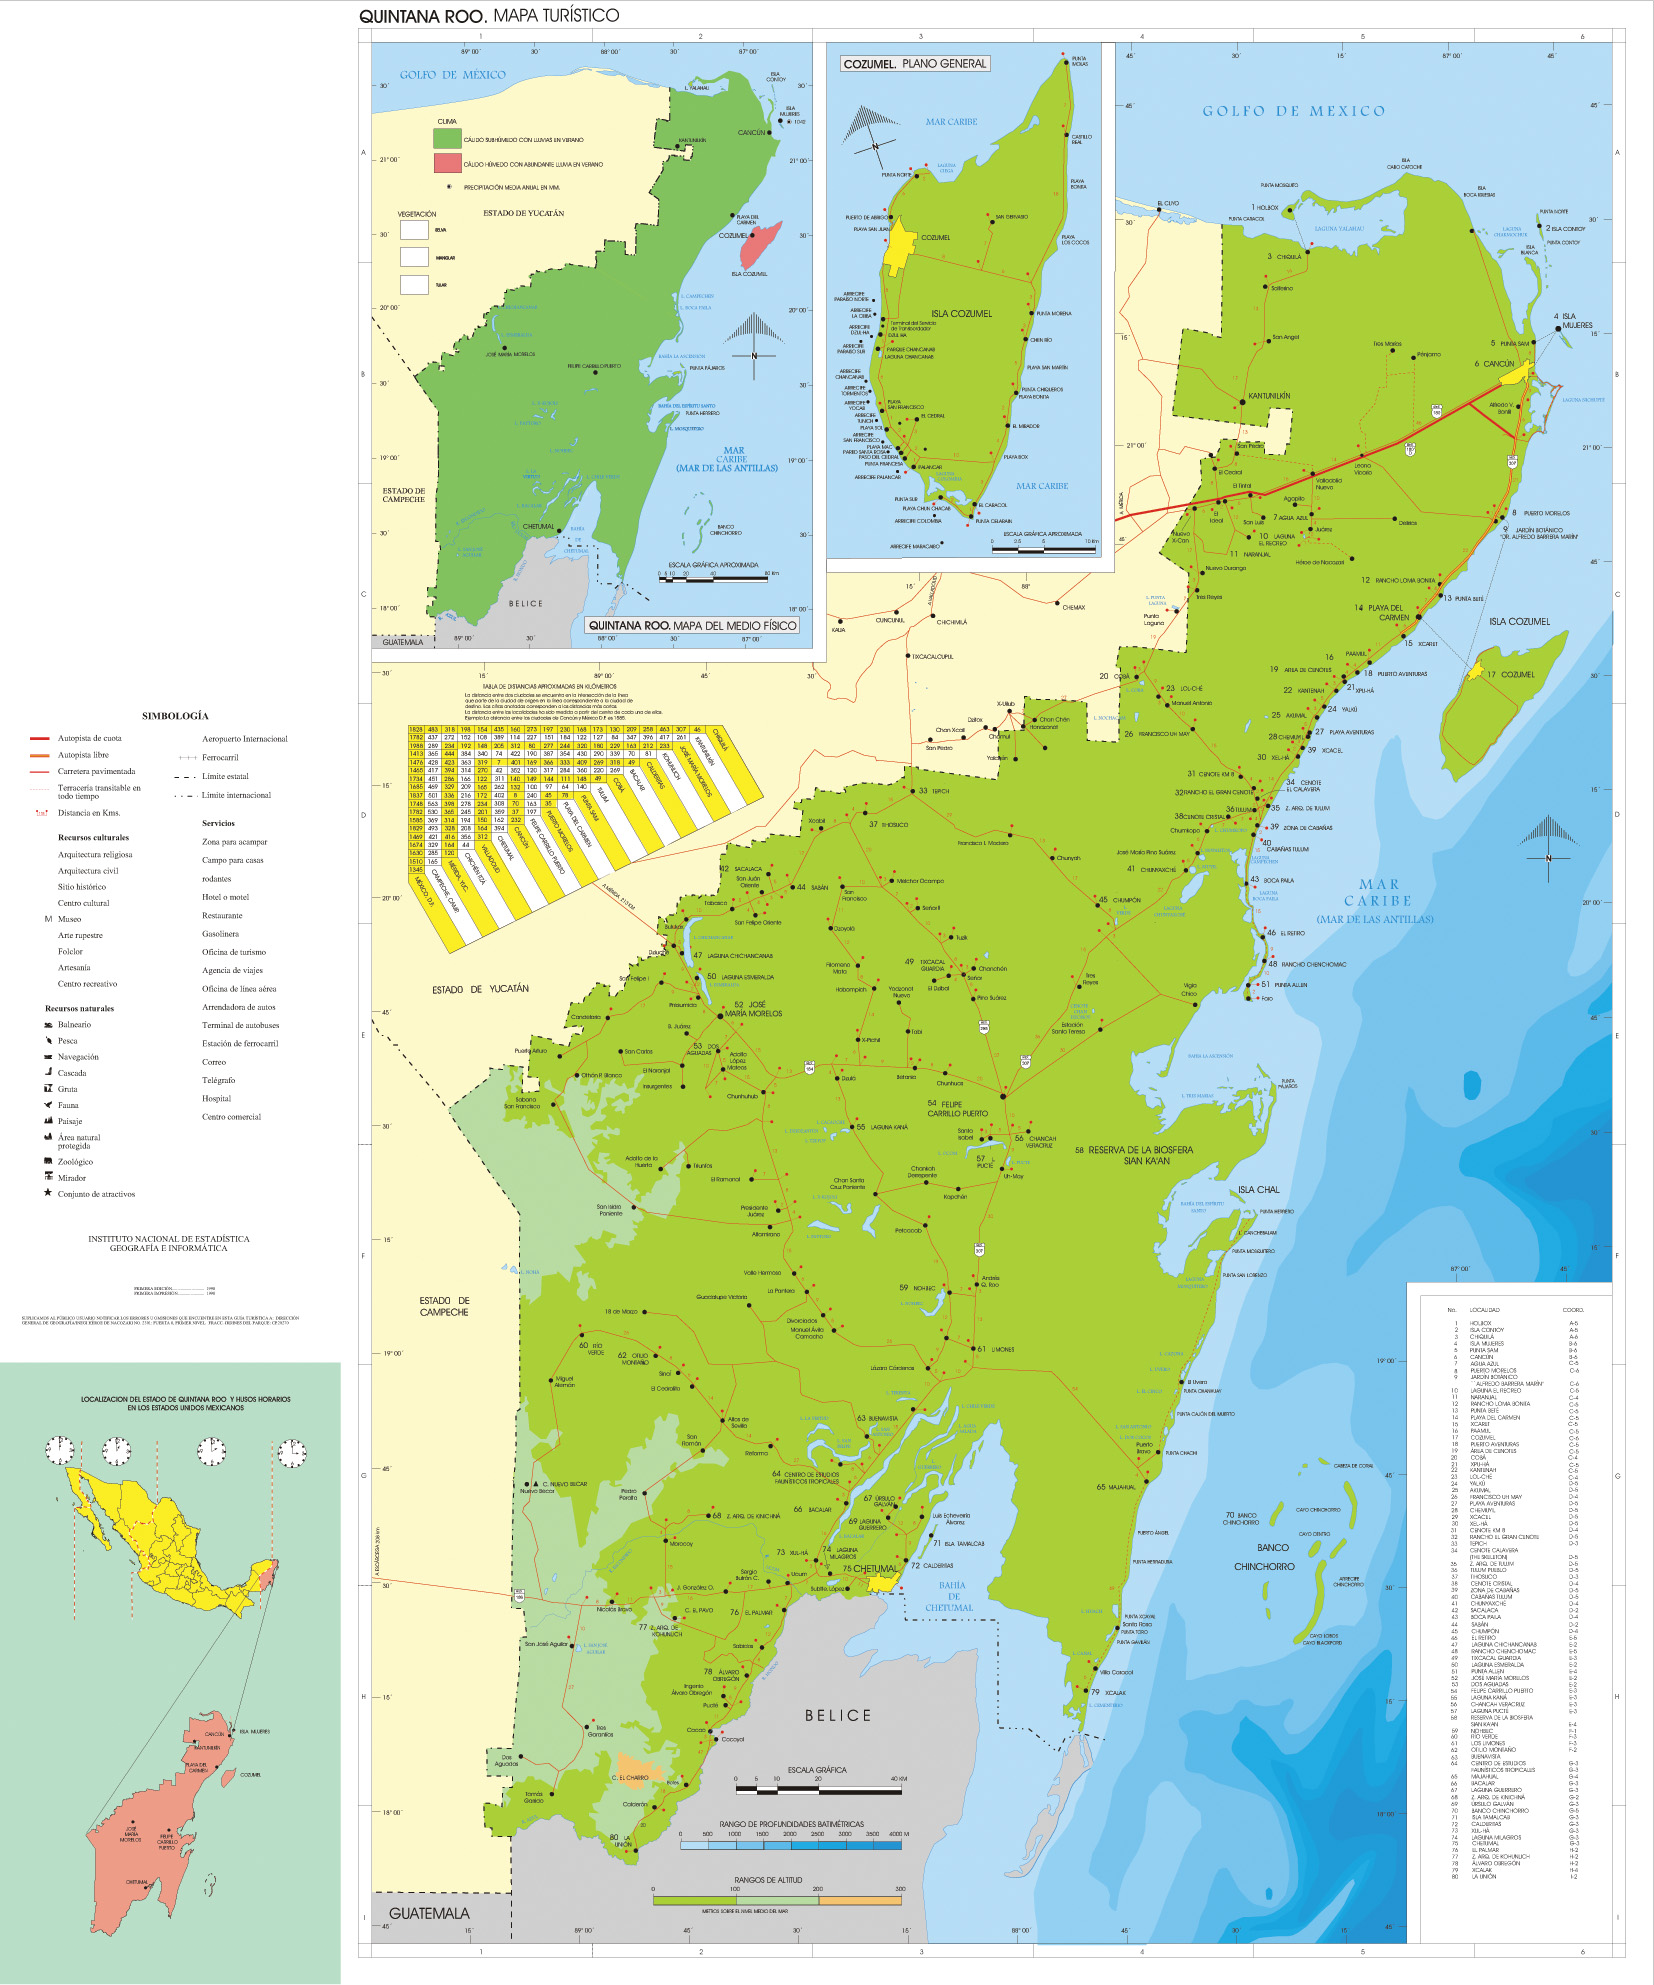 Mapa Estado de Quintana Roo, Mexico